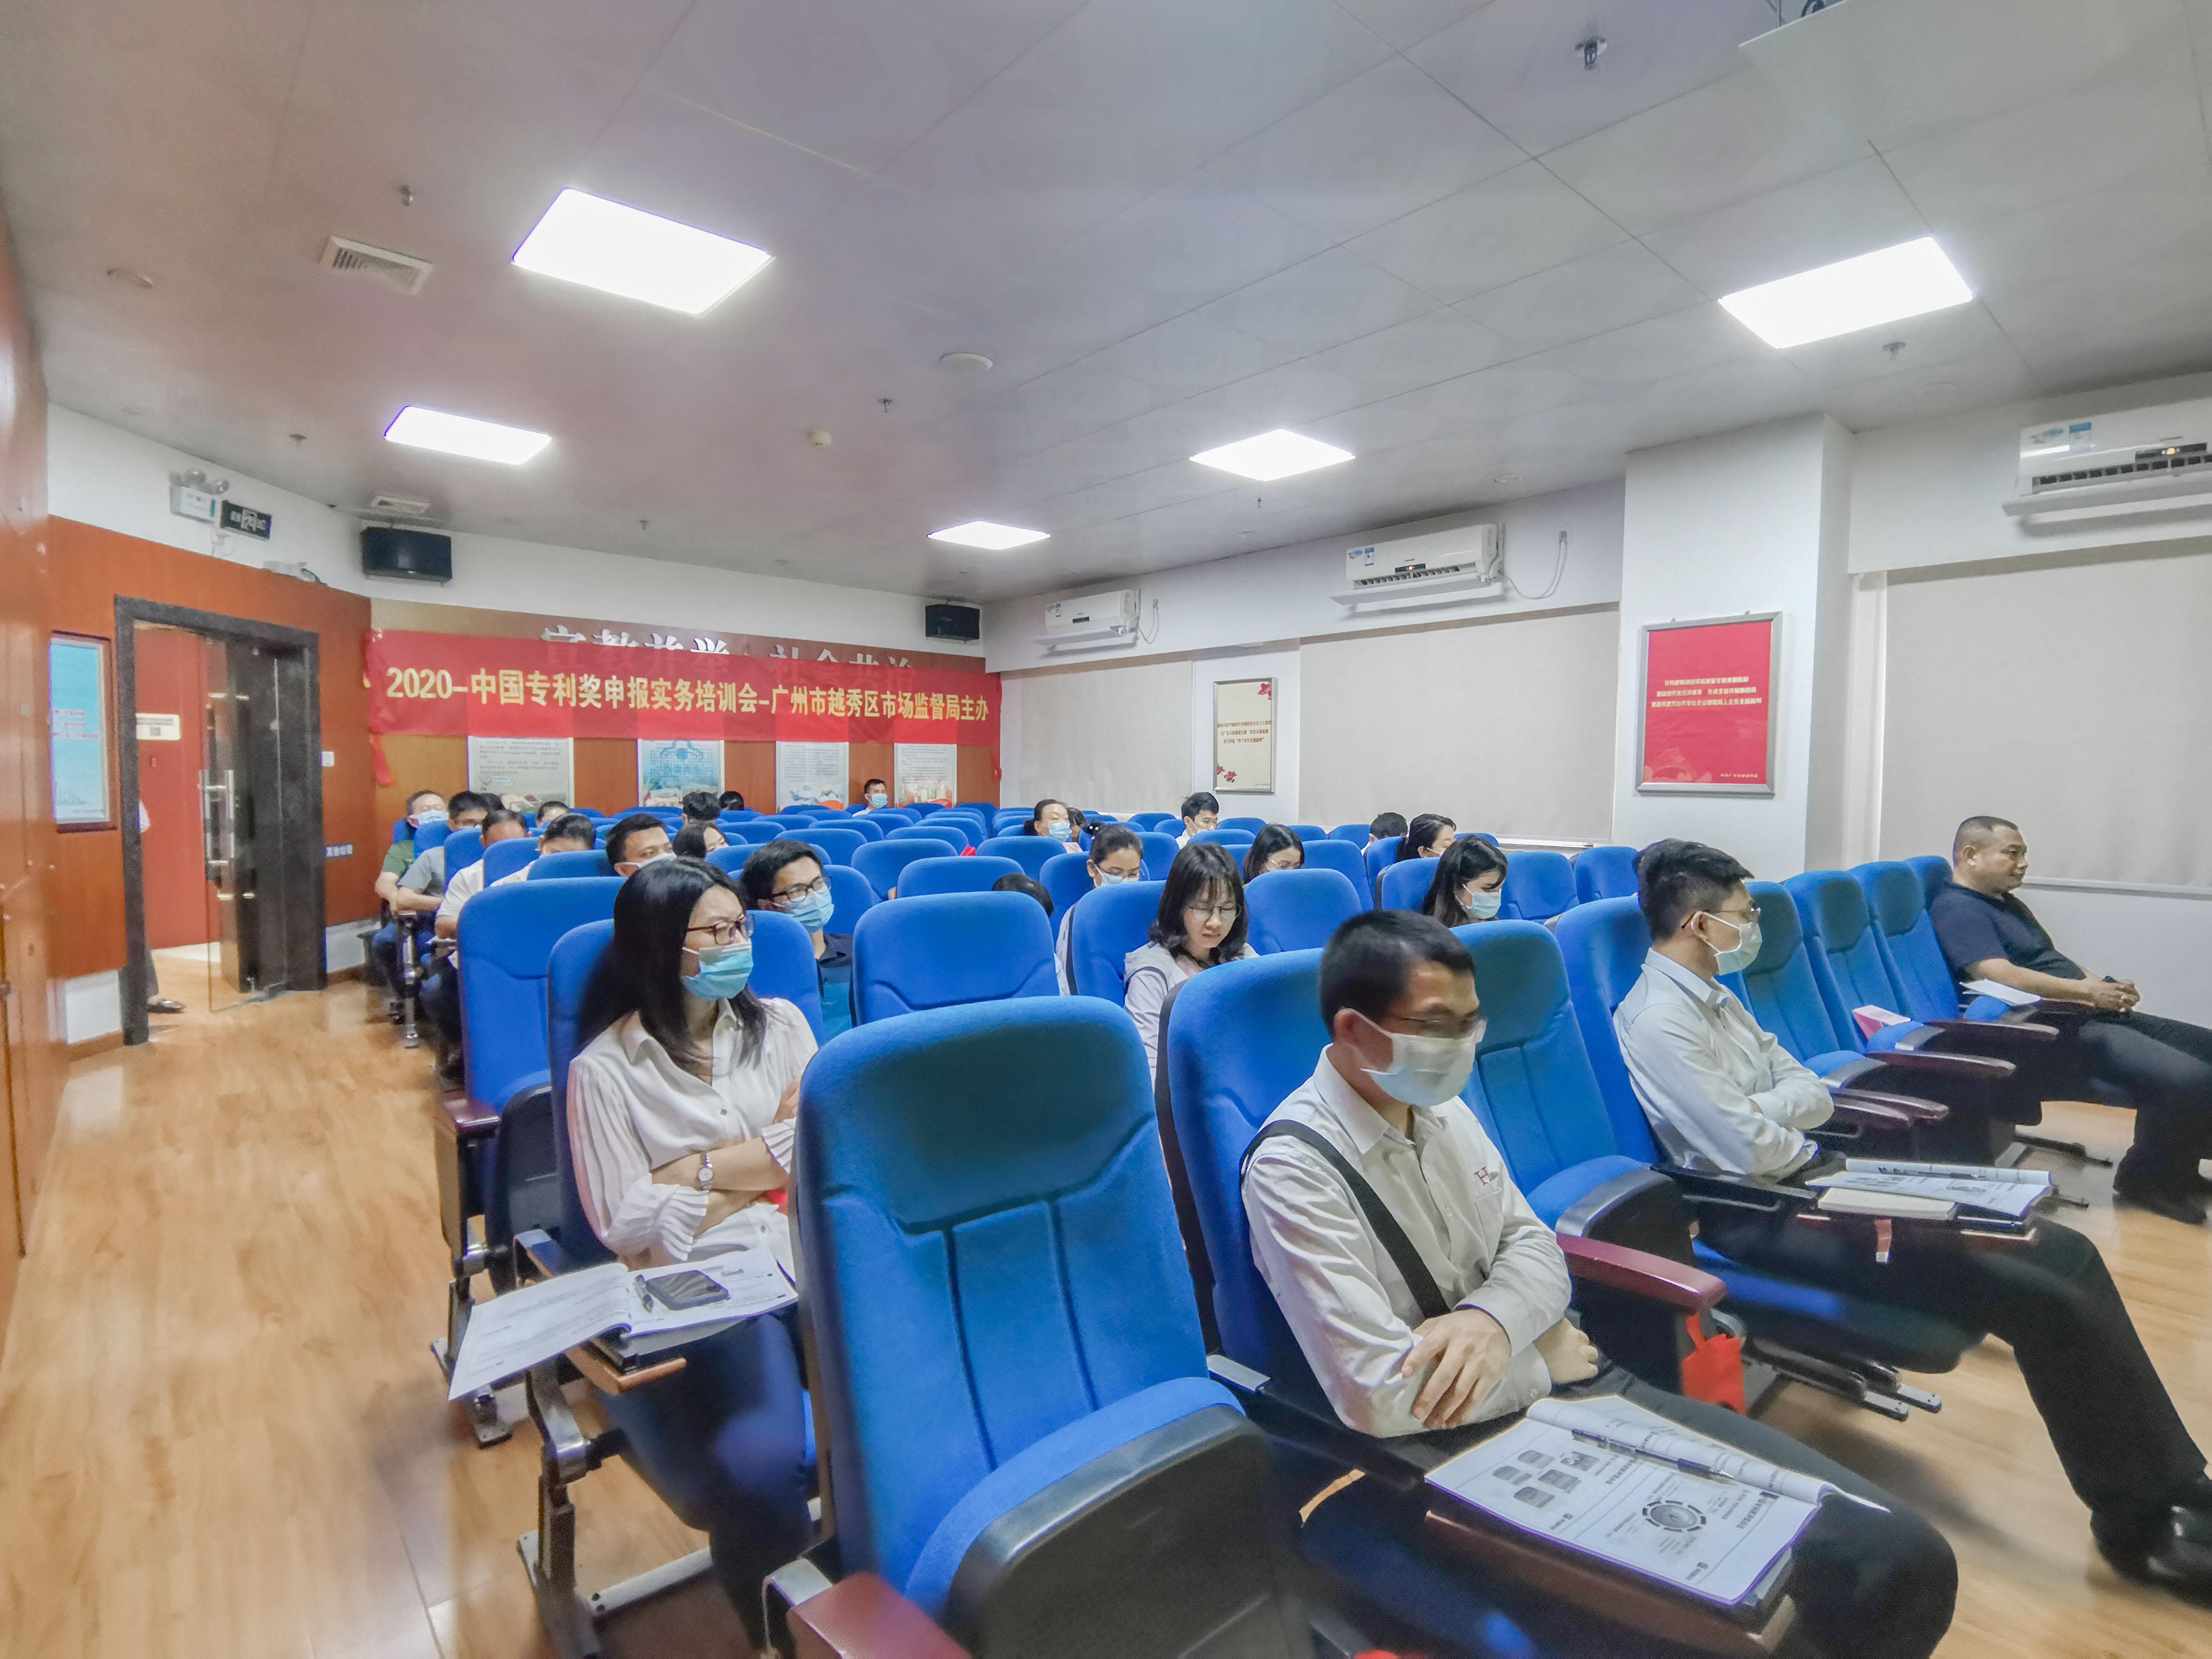 越秀区成功举办中国专利奖申报实务培训会